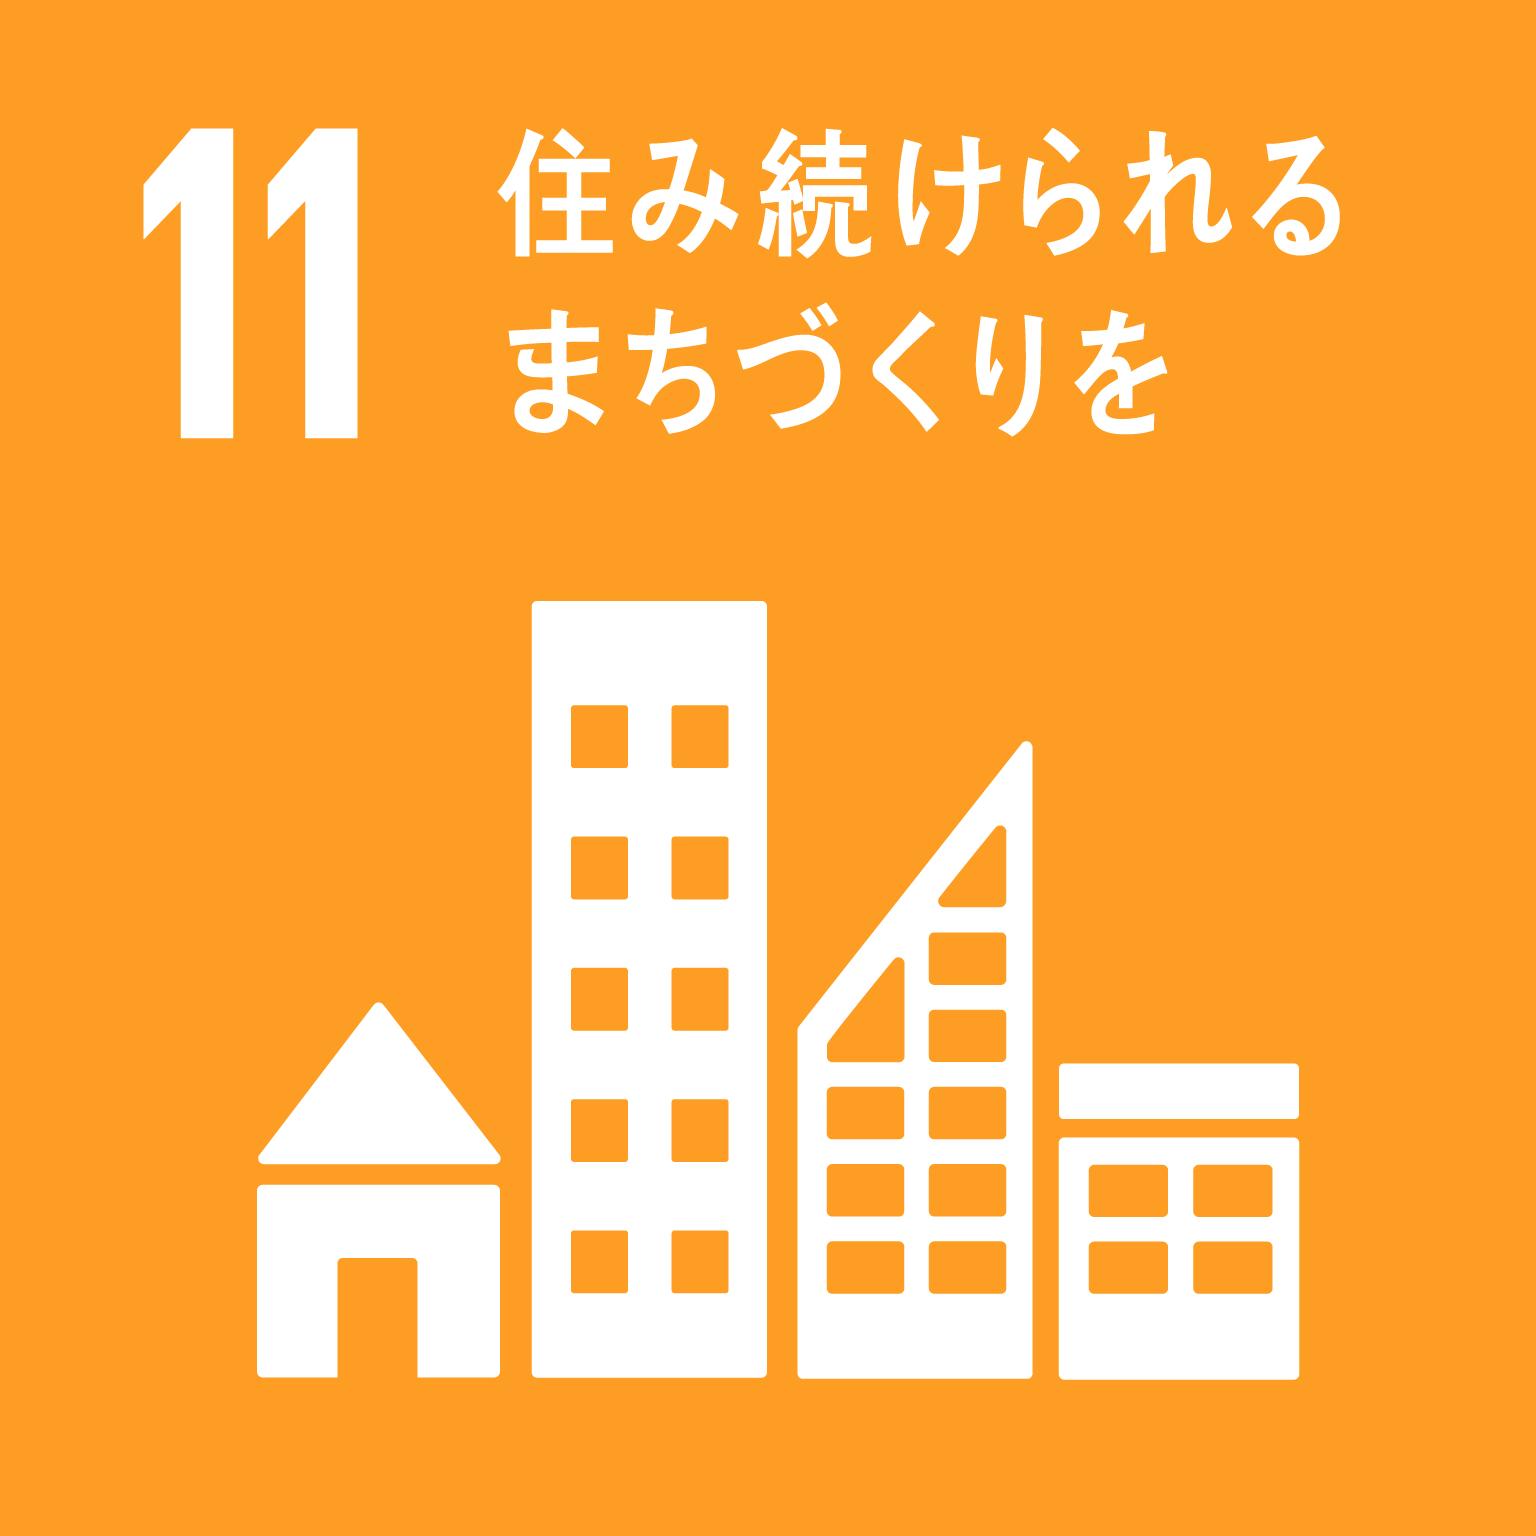 毎日興業の取り組み_SDGs11